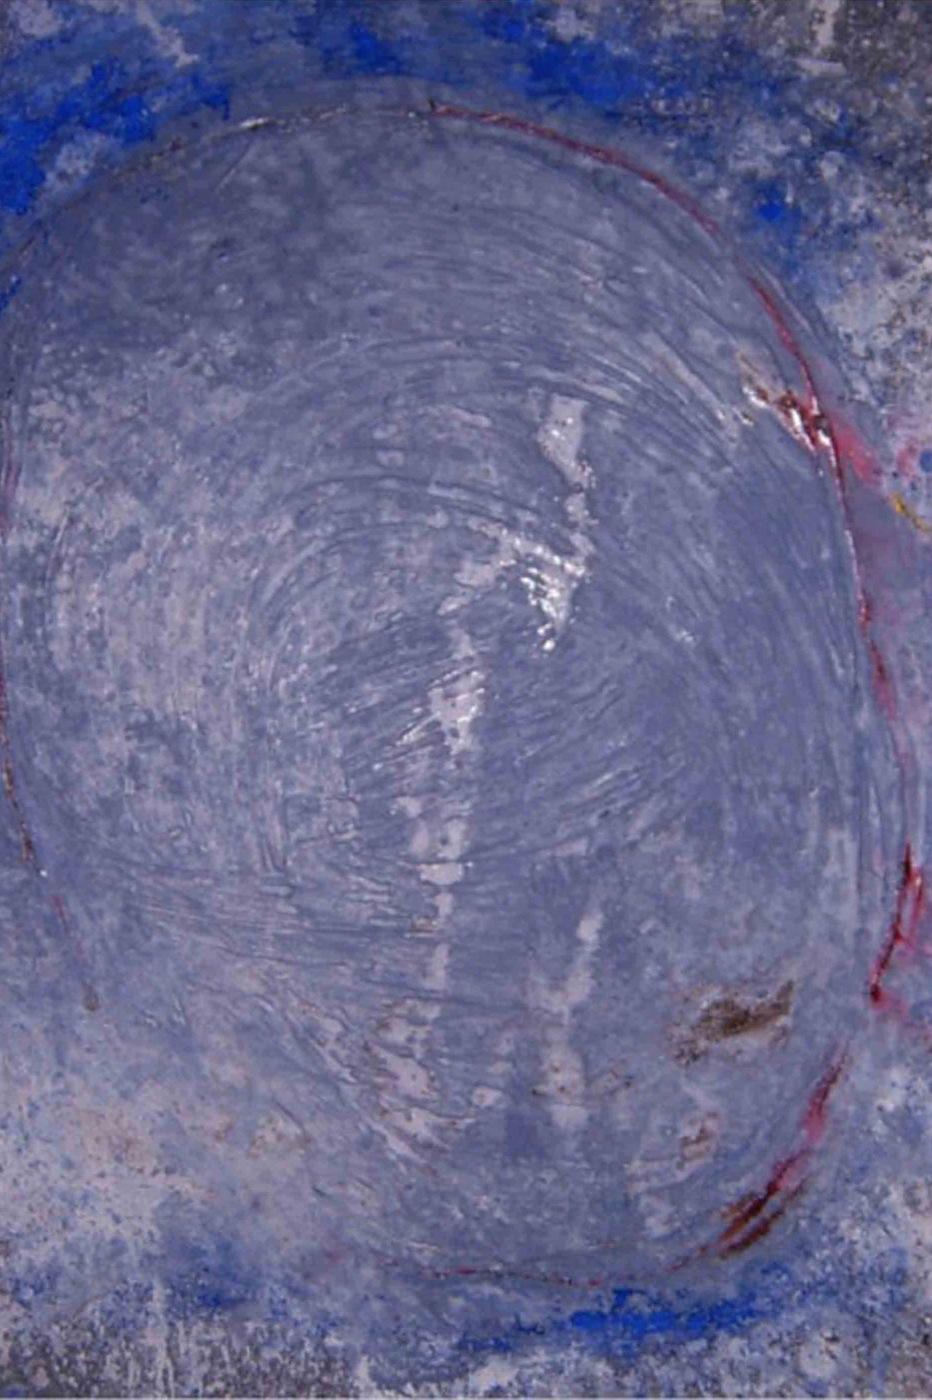 MARC FELD 2000 GALILÉE Huile, pigment et poudre de marbre sur papier 100 x 65 cm